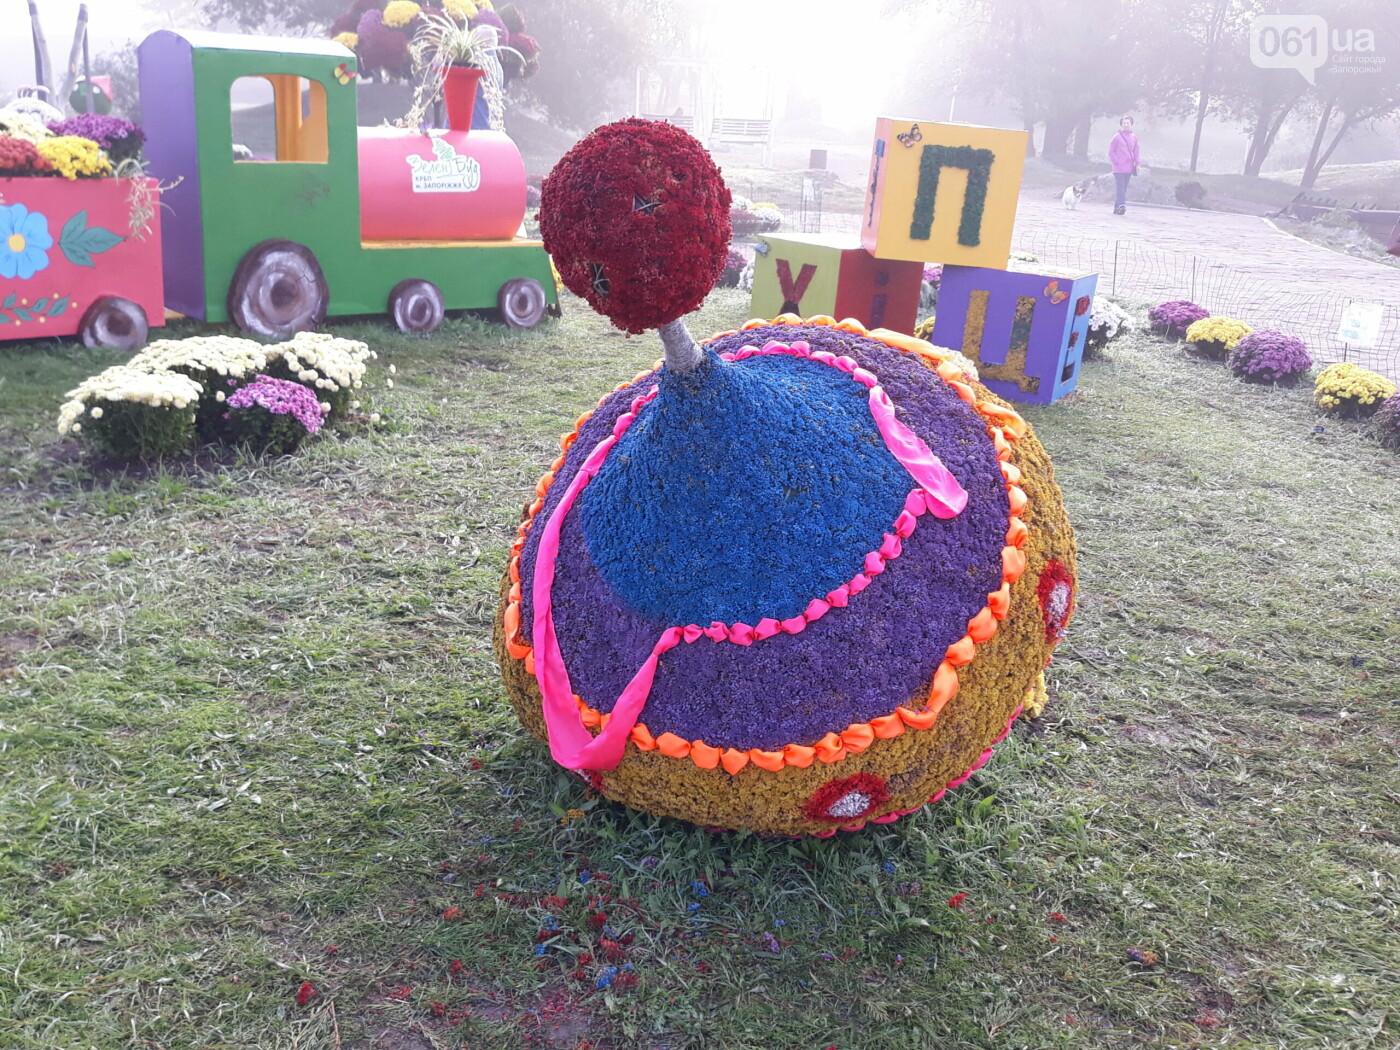 20201015083444 scaled 5f8814a1b9c22 - Запорожцы повредили цветочные композиции в Вознесеновском парке, - ФОТО